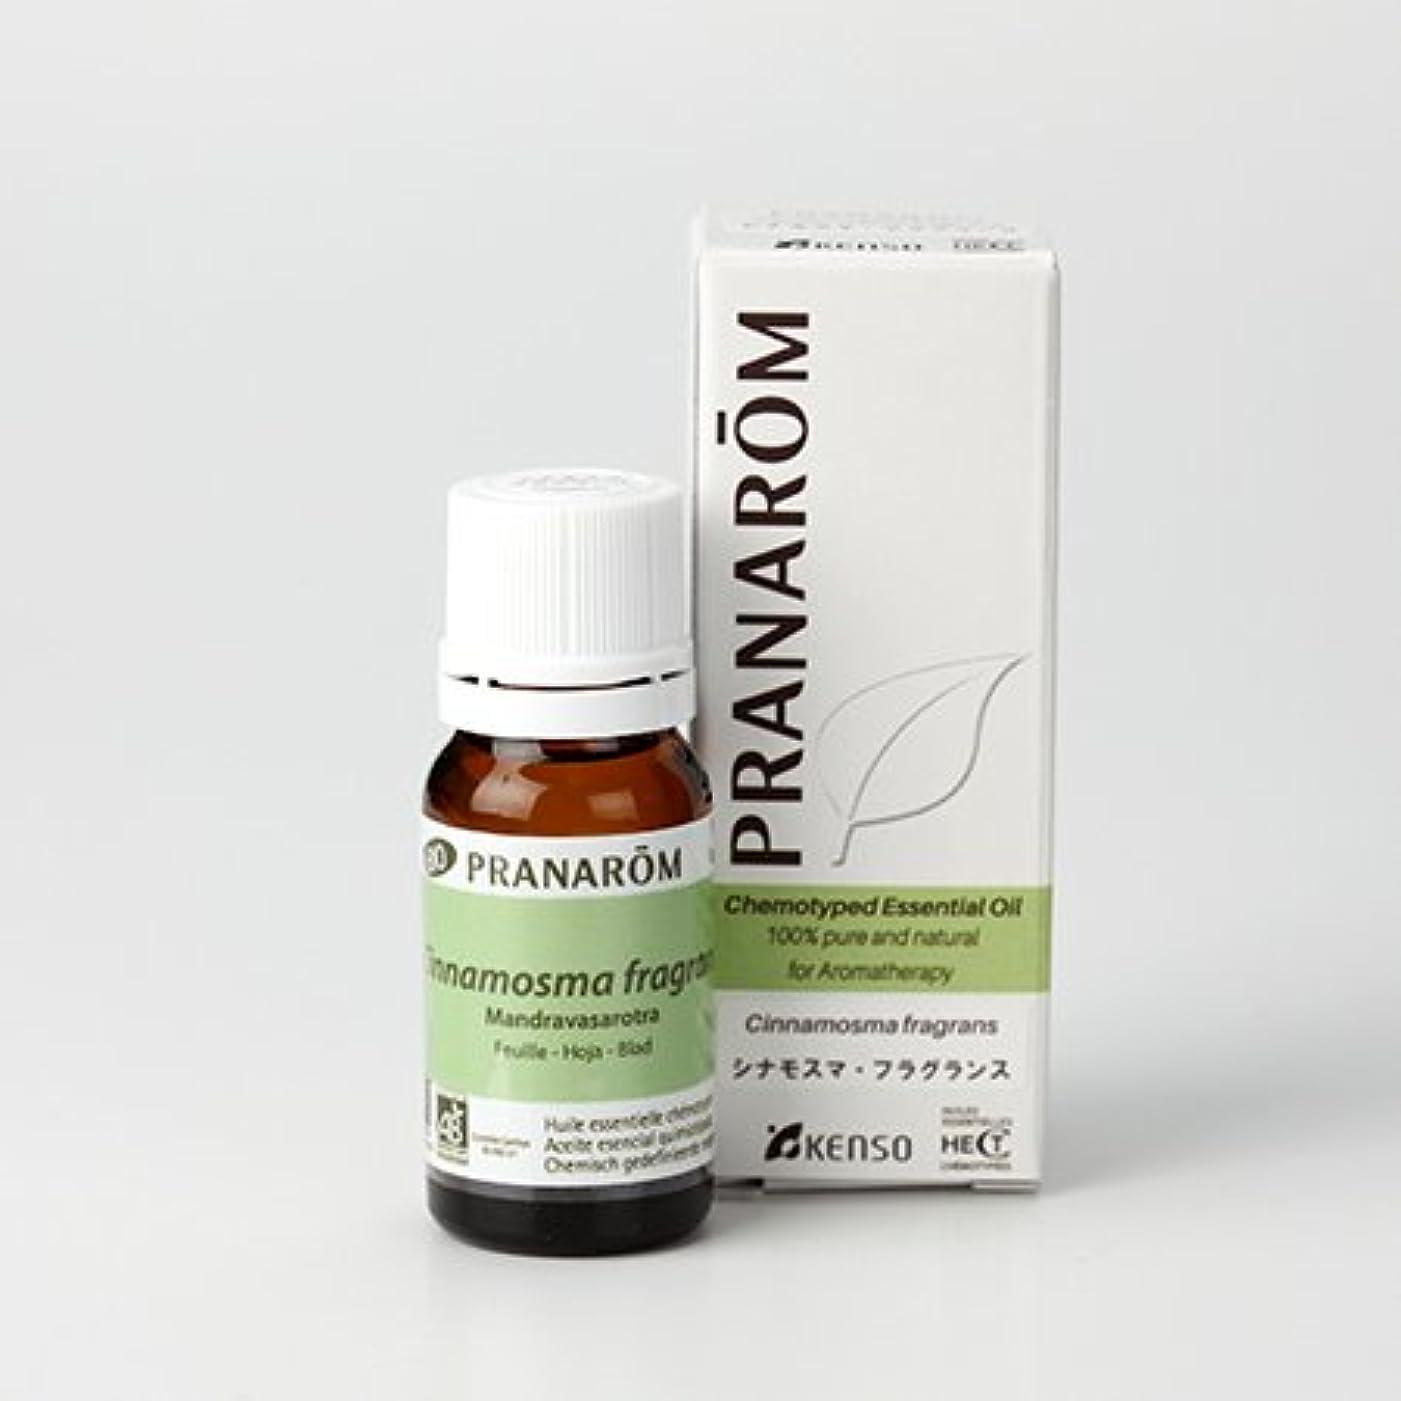 ホステス上執着プラナロム ( PRANAROM ) 精油 シナモスマ?フラグランス 10ml p-32